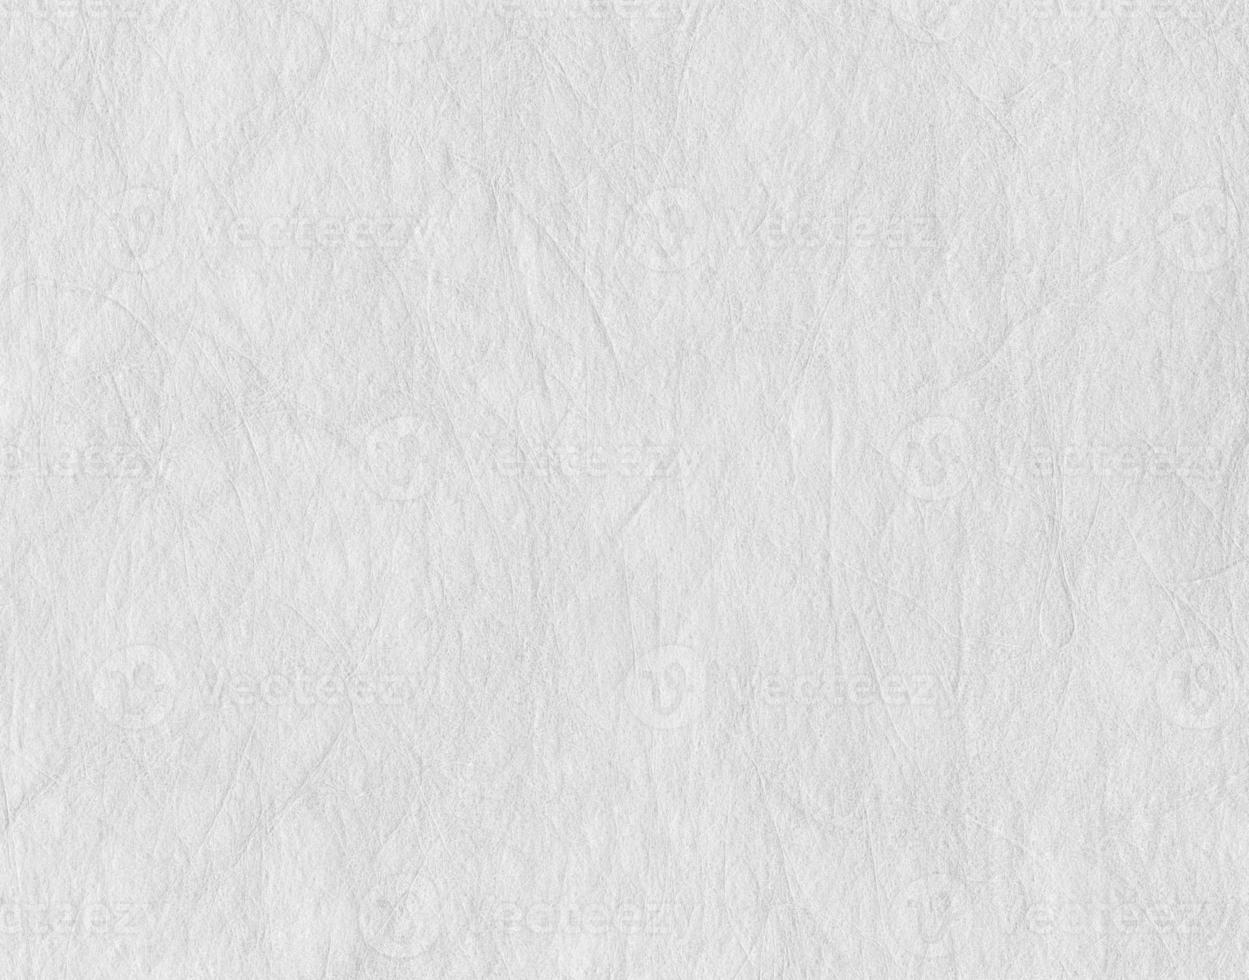 weiße Papierstruktur. foto